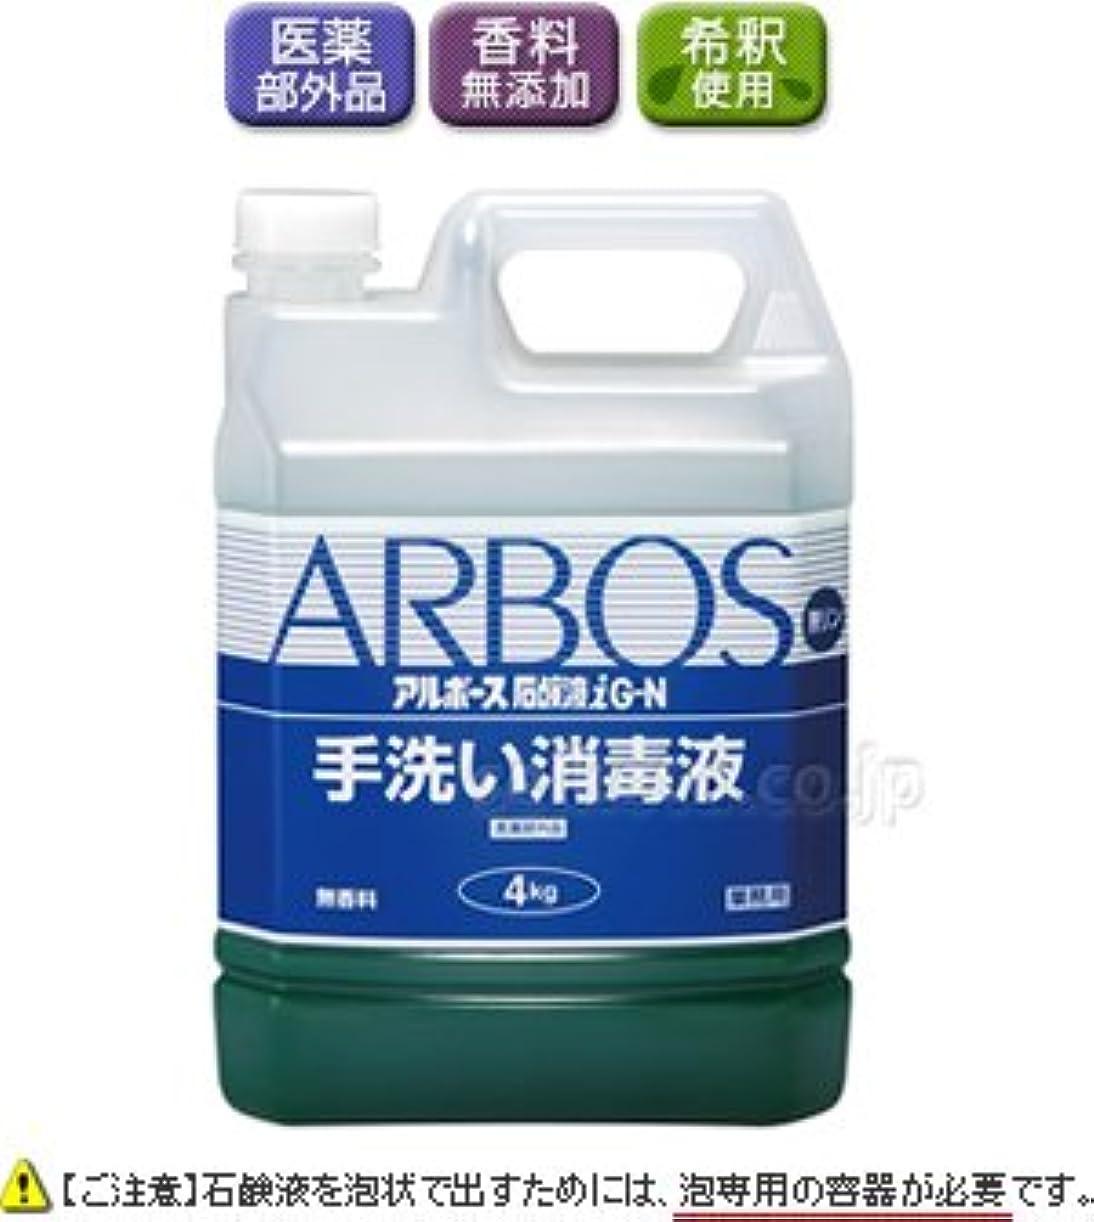 導体等価再編成する【清潔キレイ館】アルボース石鹸液iG-N(4kg×1本)